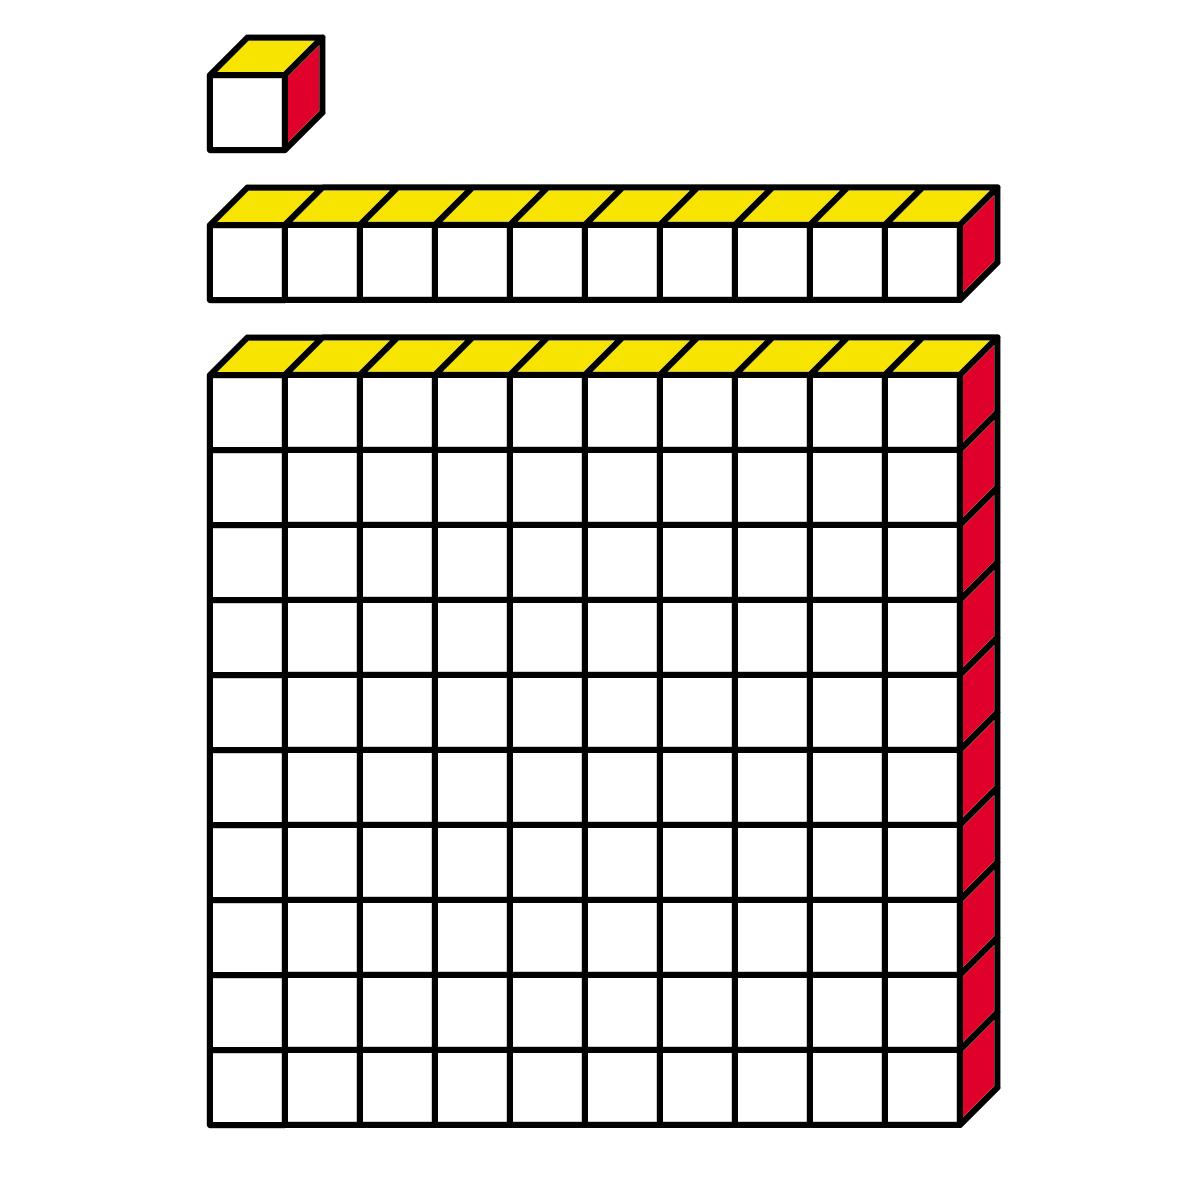 Square clipart ten Ten math%20worksheet%20clipart Clipart Clipart Clipart